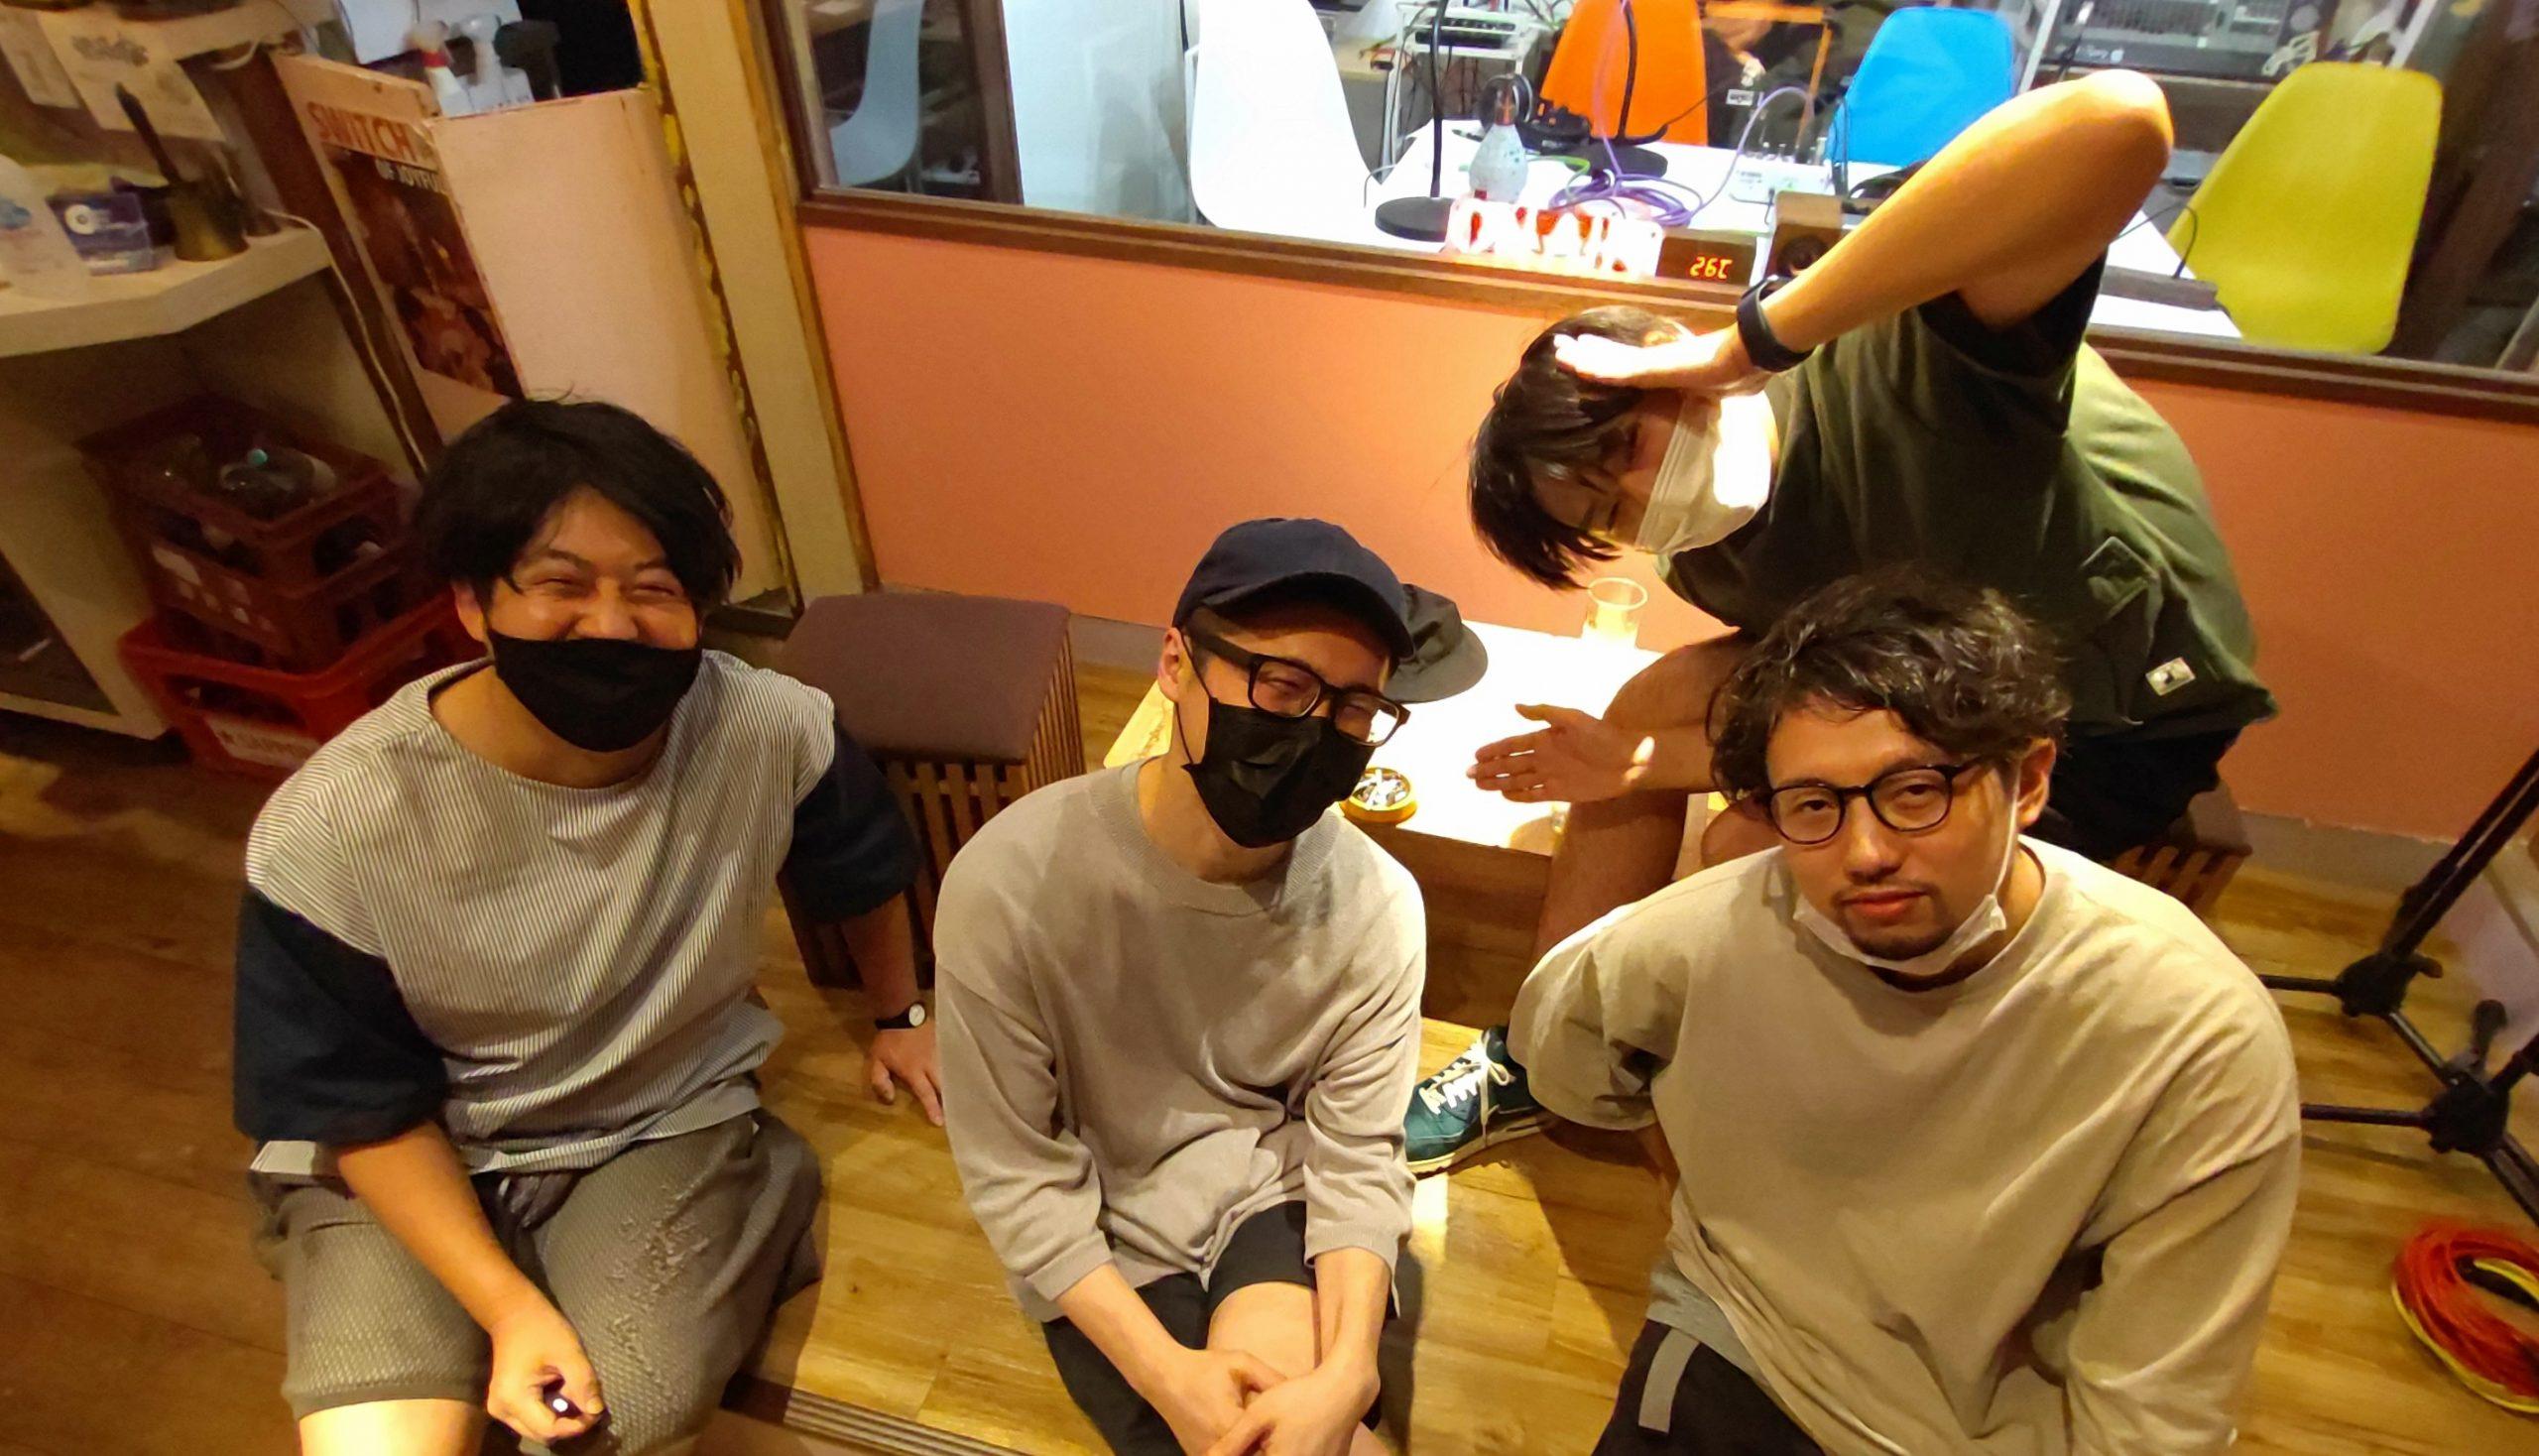 【RADIOウェイヨー軒 #17】MC:satch/Guest:JOHNNYPARK「東京~地方をまたいでバンドを続けるライフスタイル」